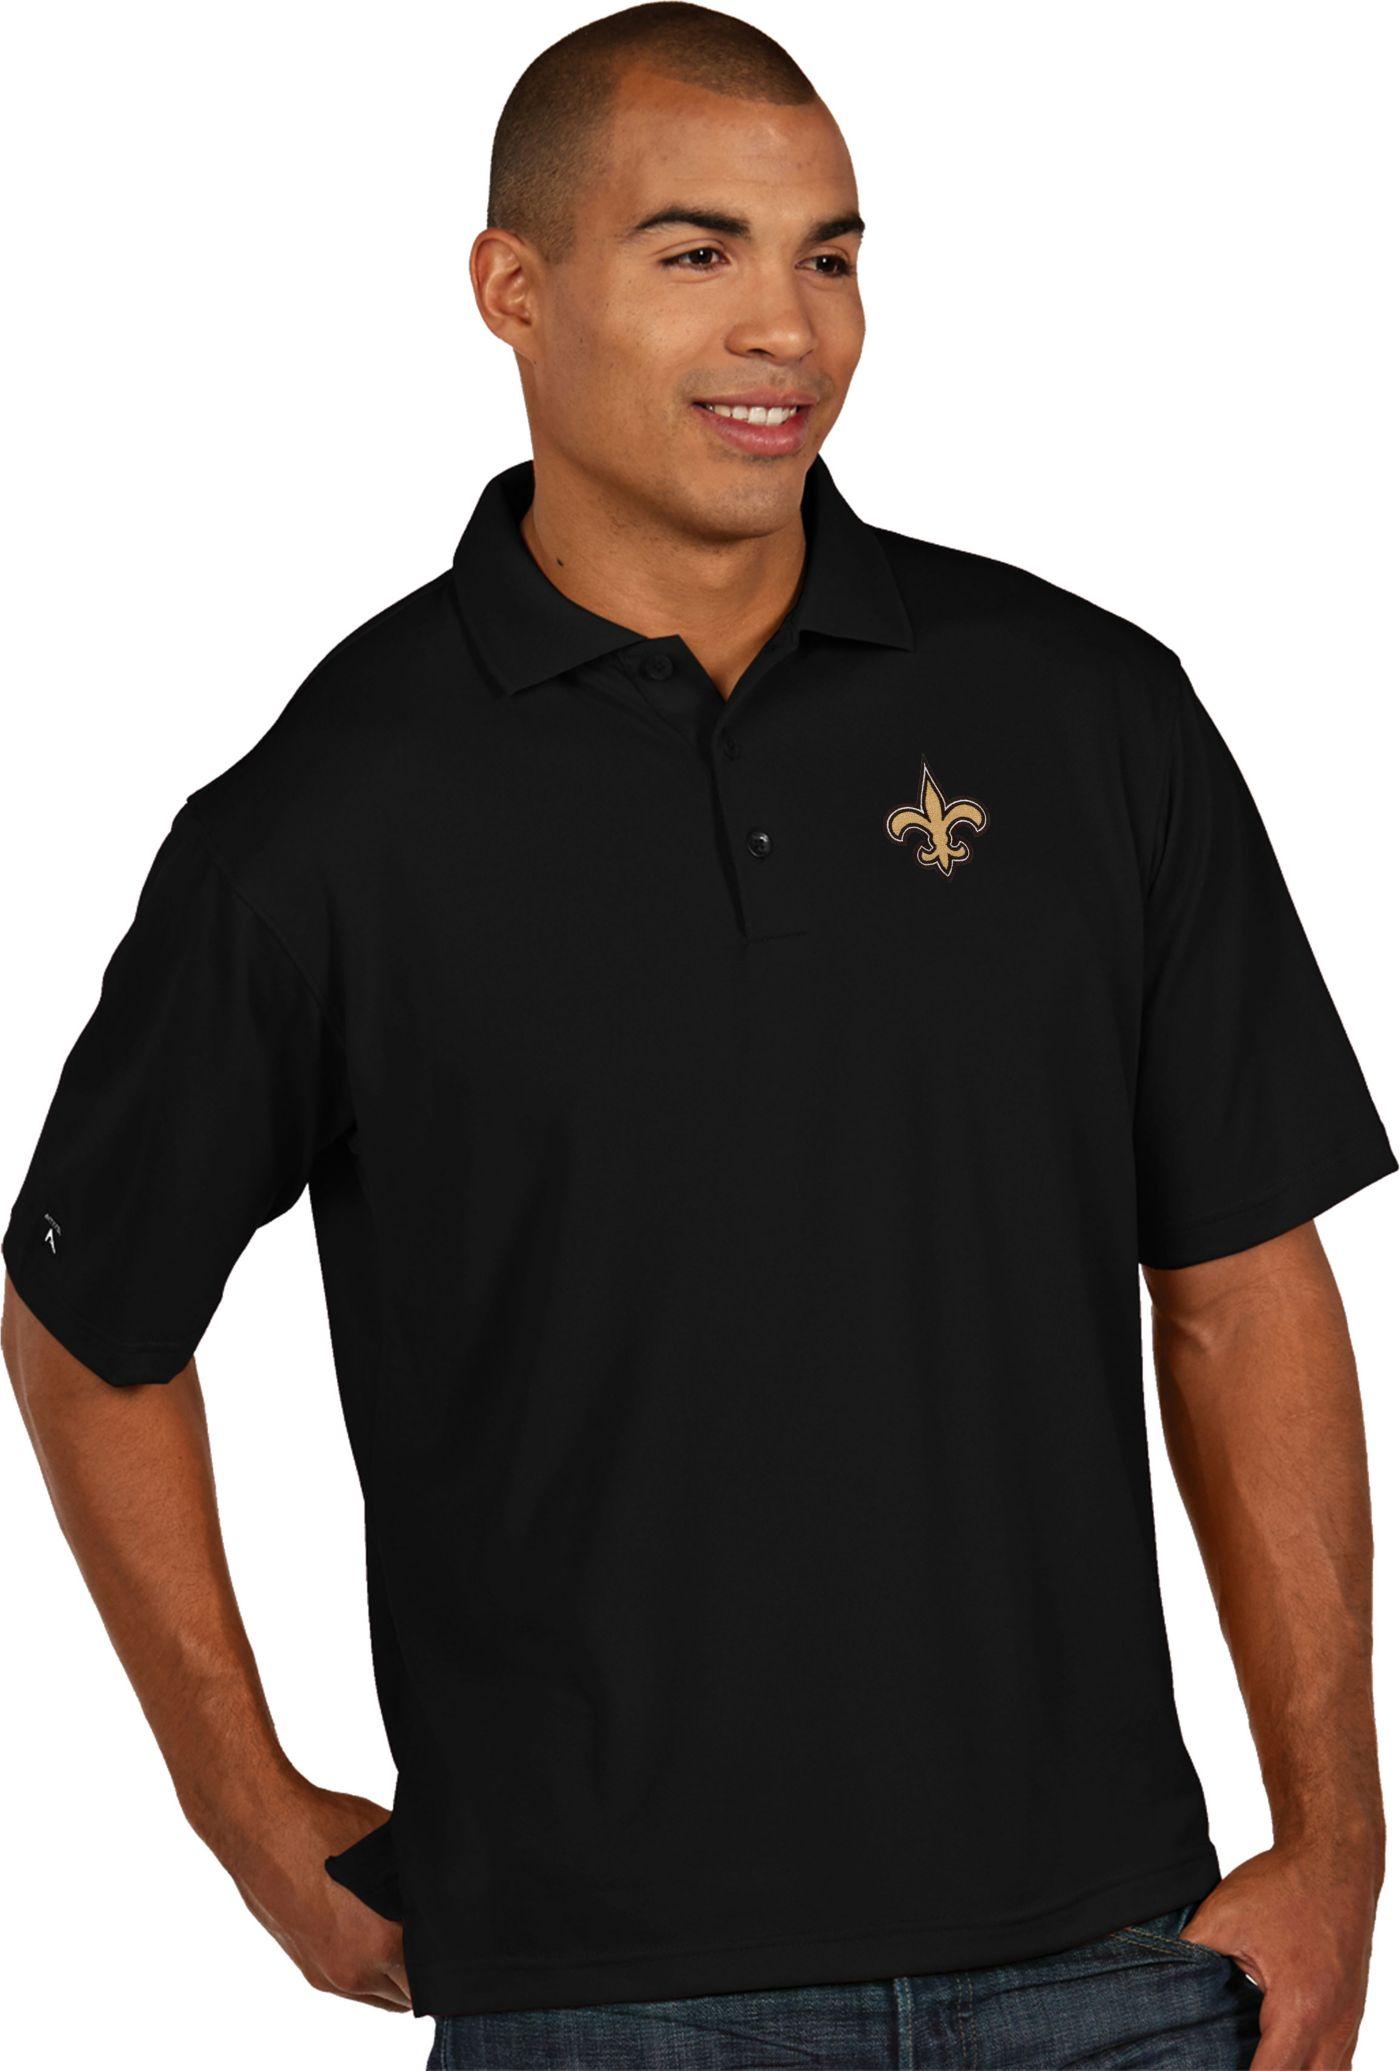 Antigua Men's New Orleans Saints Pique Xtra-Lite Black Polo